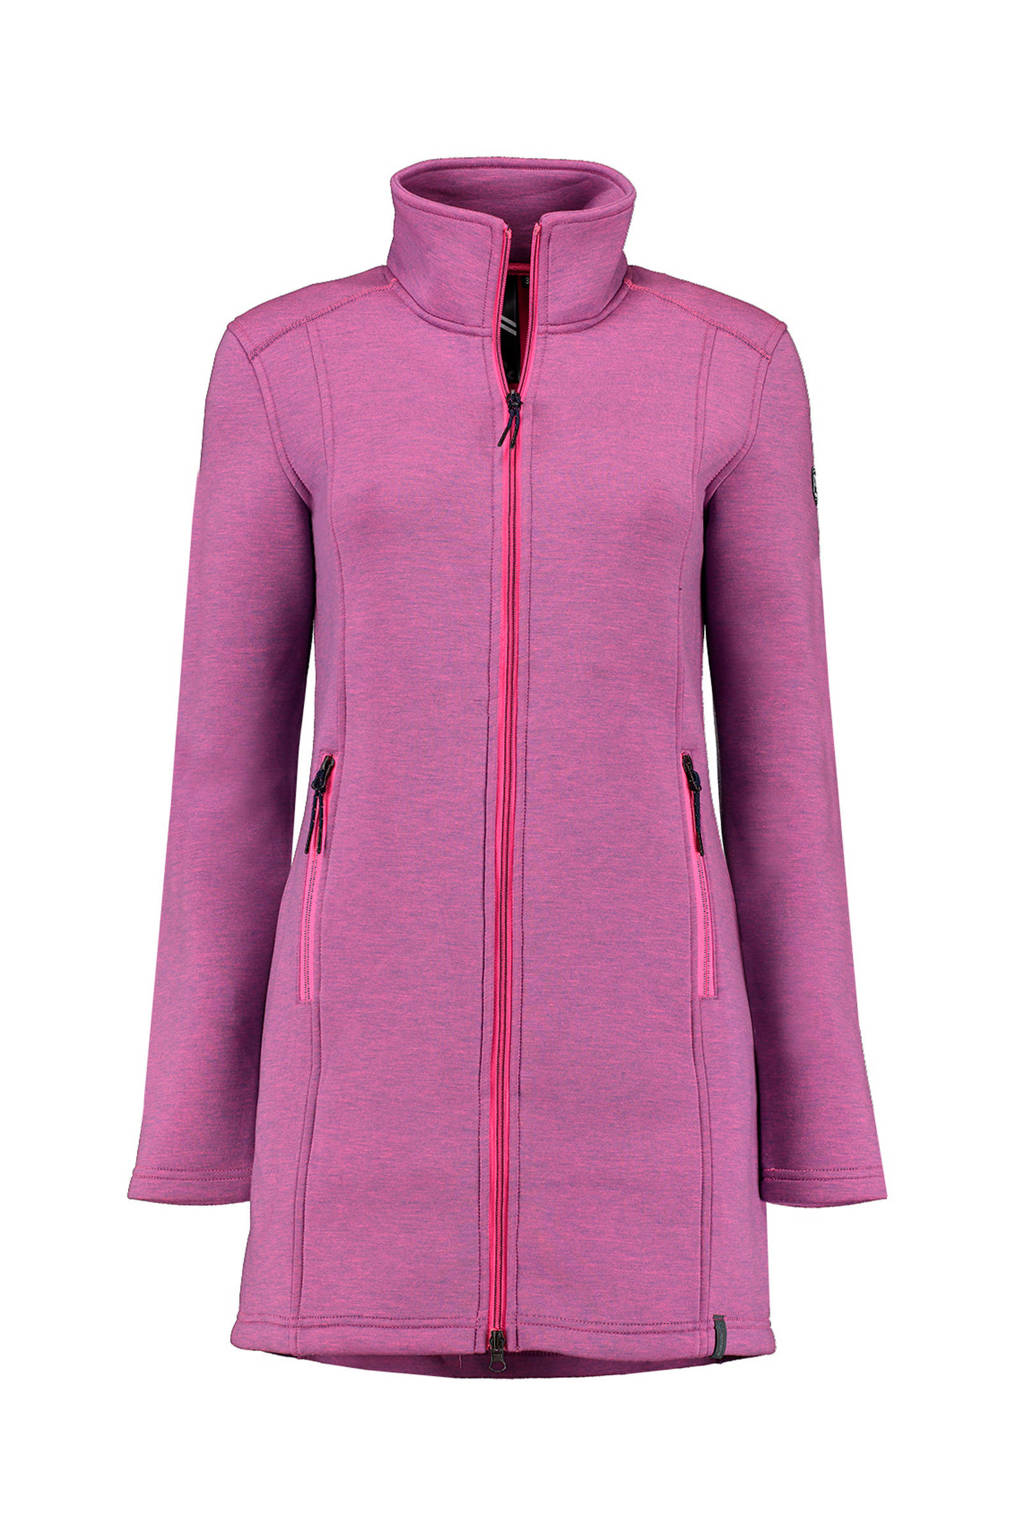 Kjelvik lange fleece jack Wyara roze, Pink